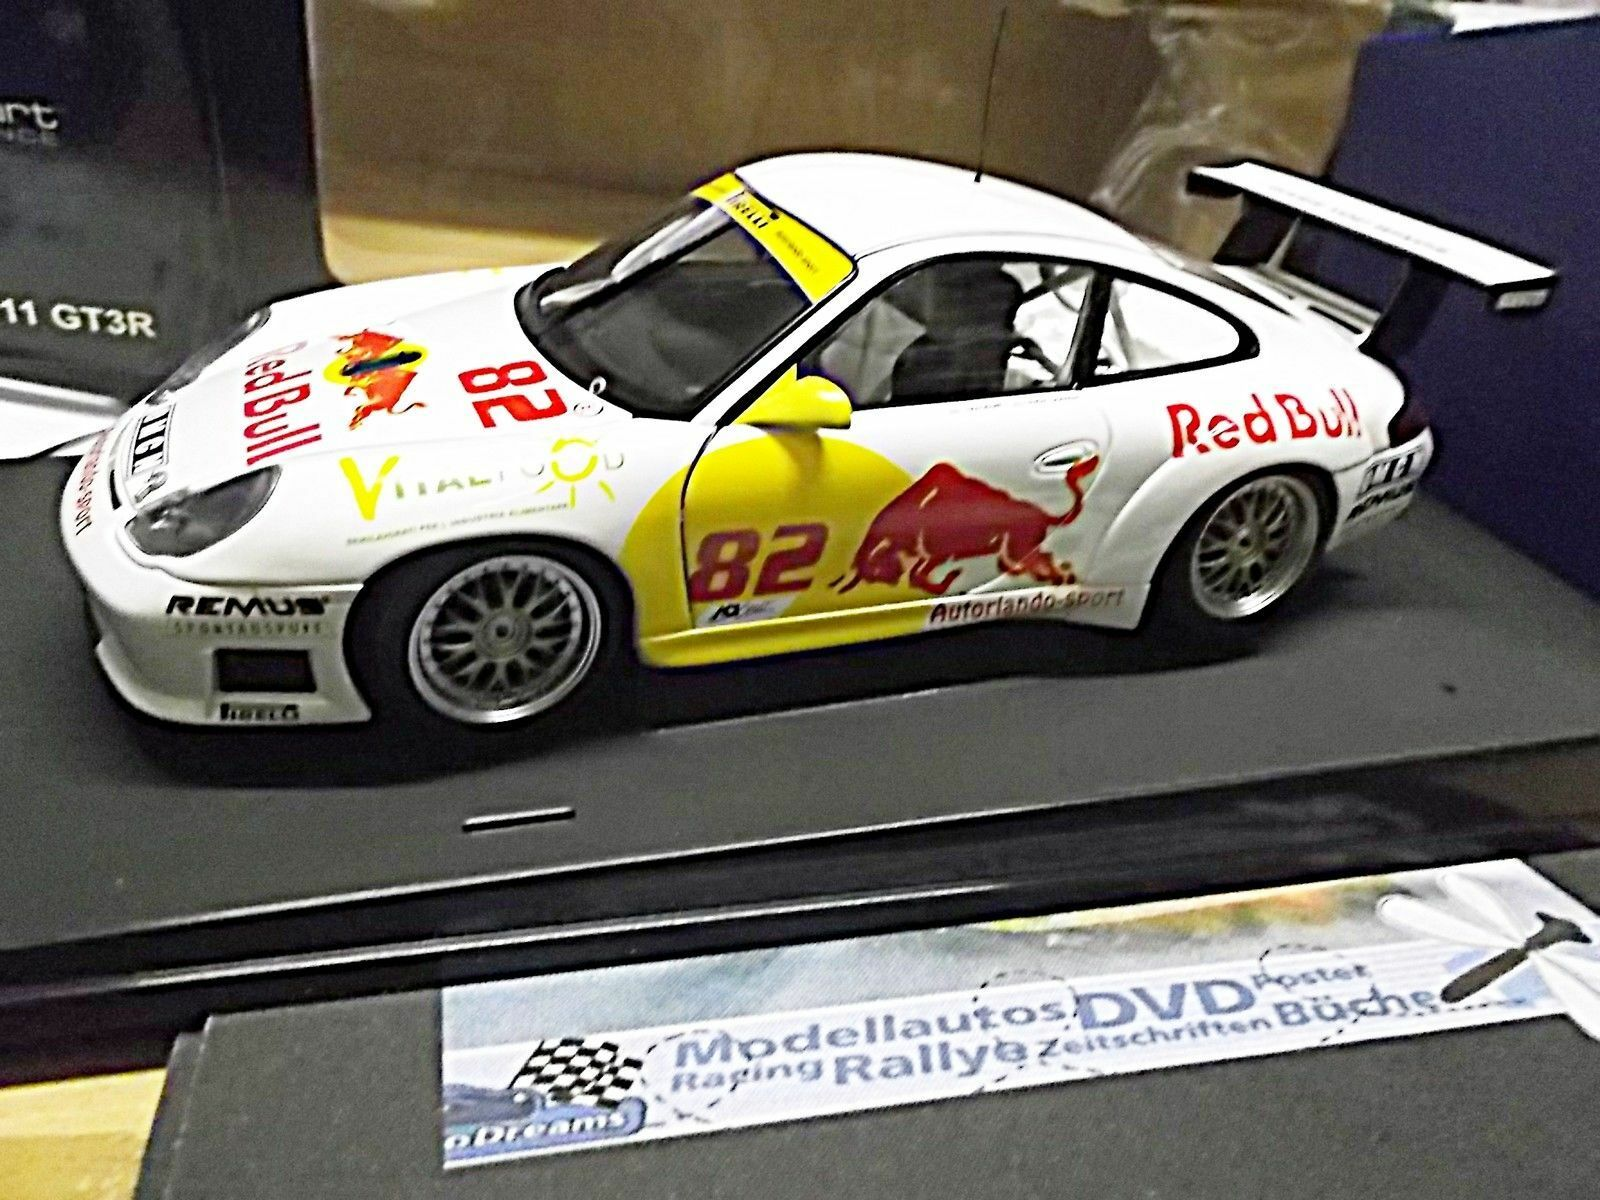 Porsche 911 996 gt3 r FIA GT ITALIA Autorlando quester wolff r Bull transformation 1 18